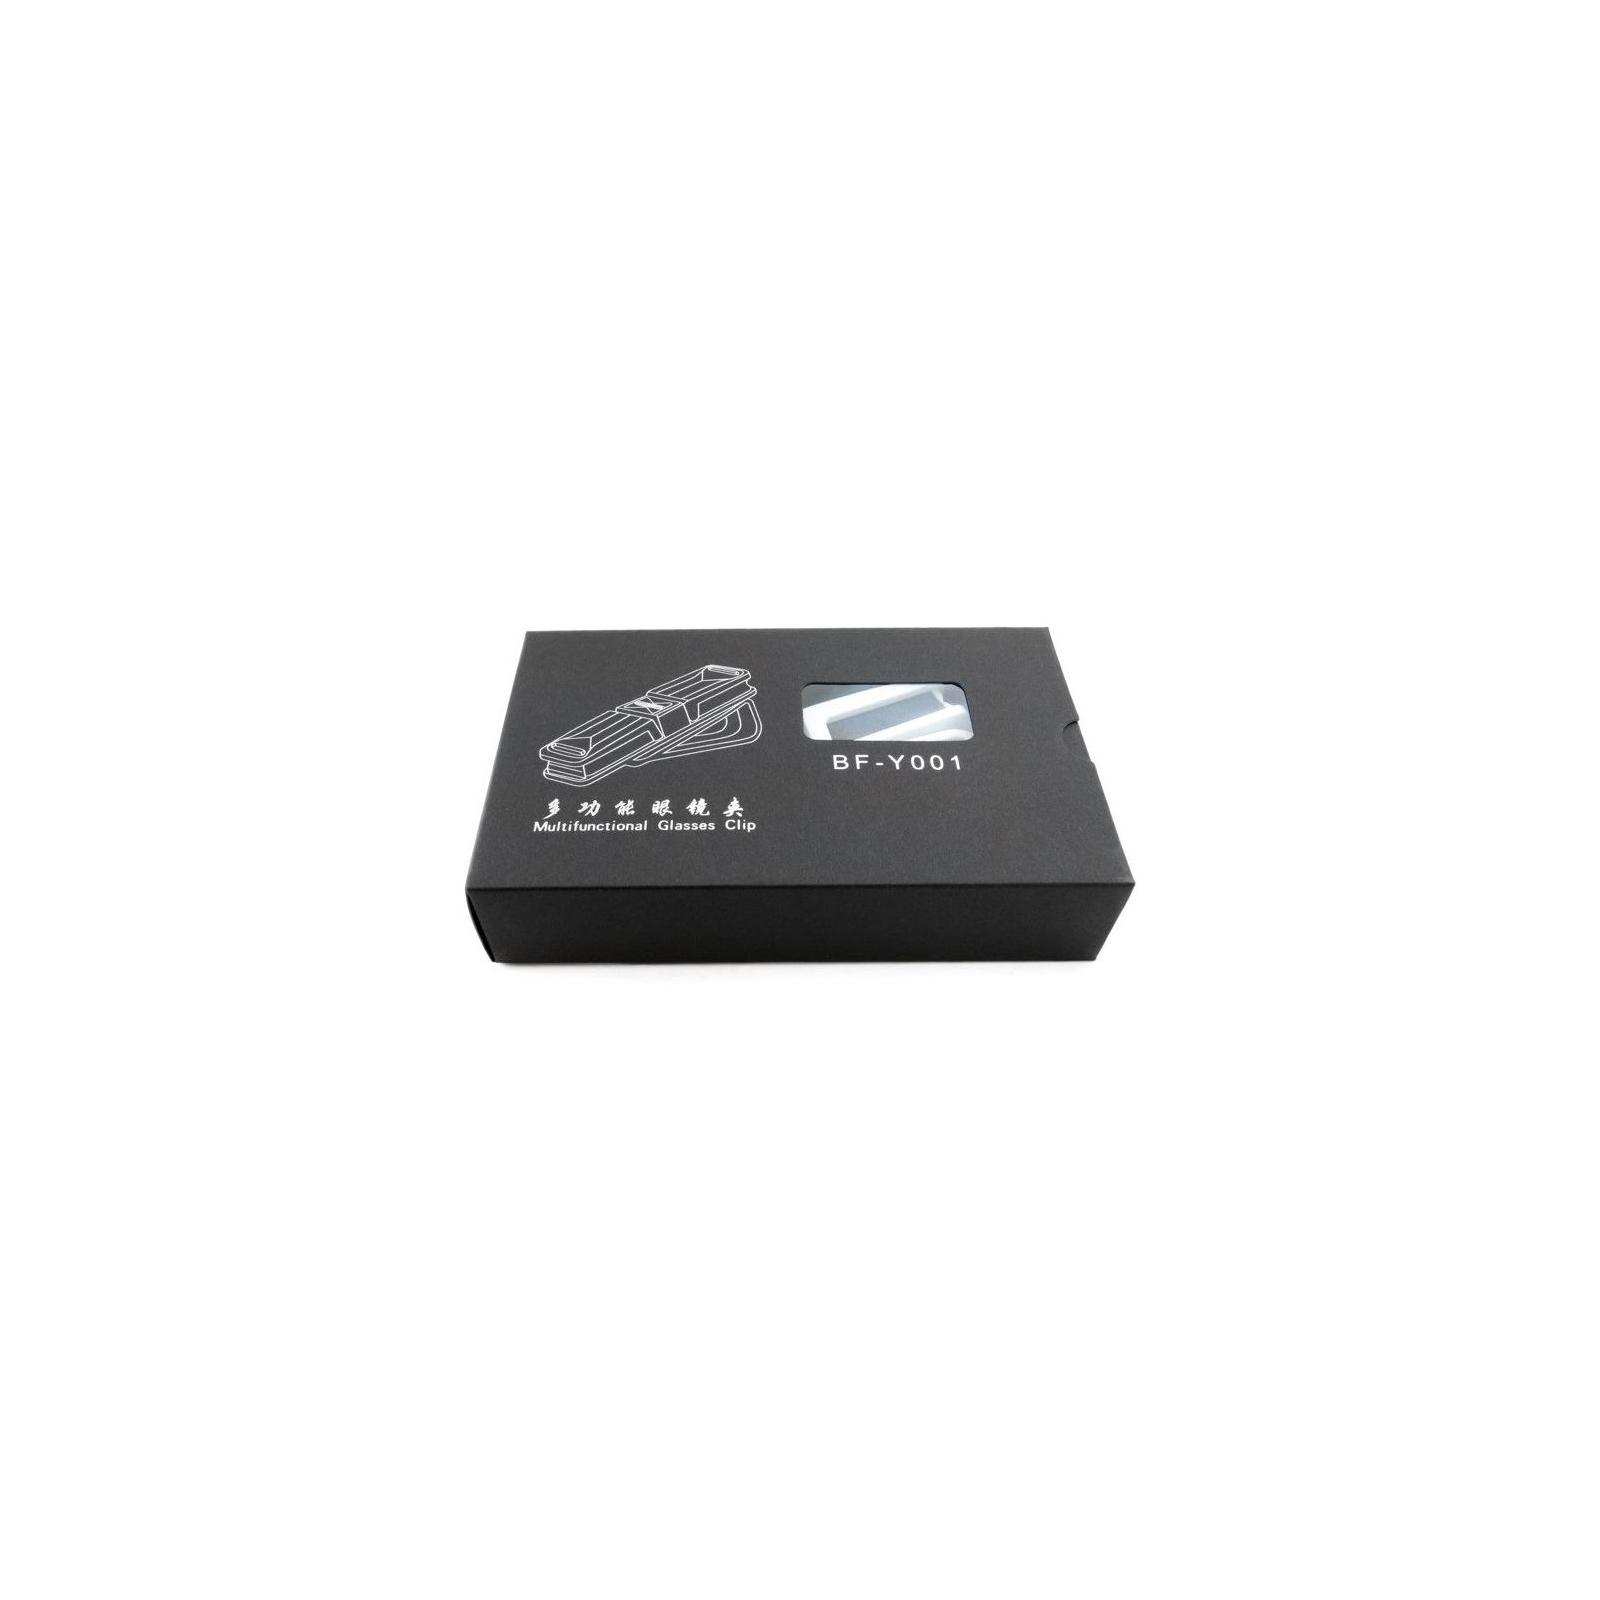 Универсальный автодержатель EXTRADIGITAL для очков Glasses Holder White (CGH4121) изображение 8